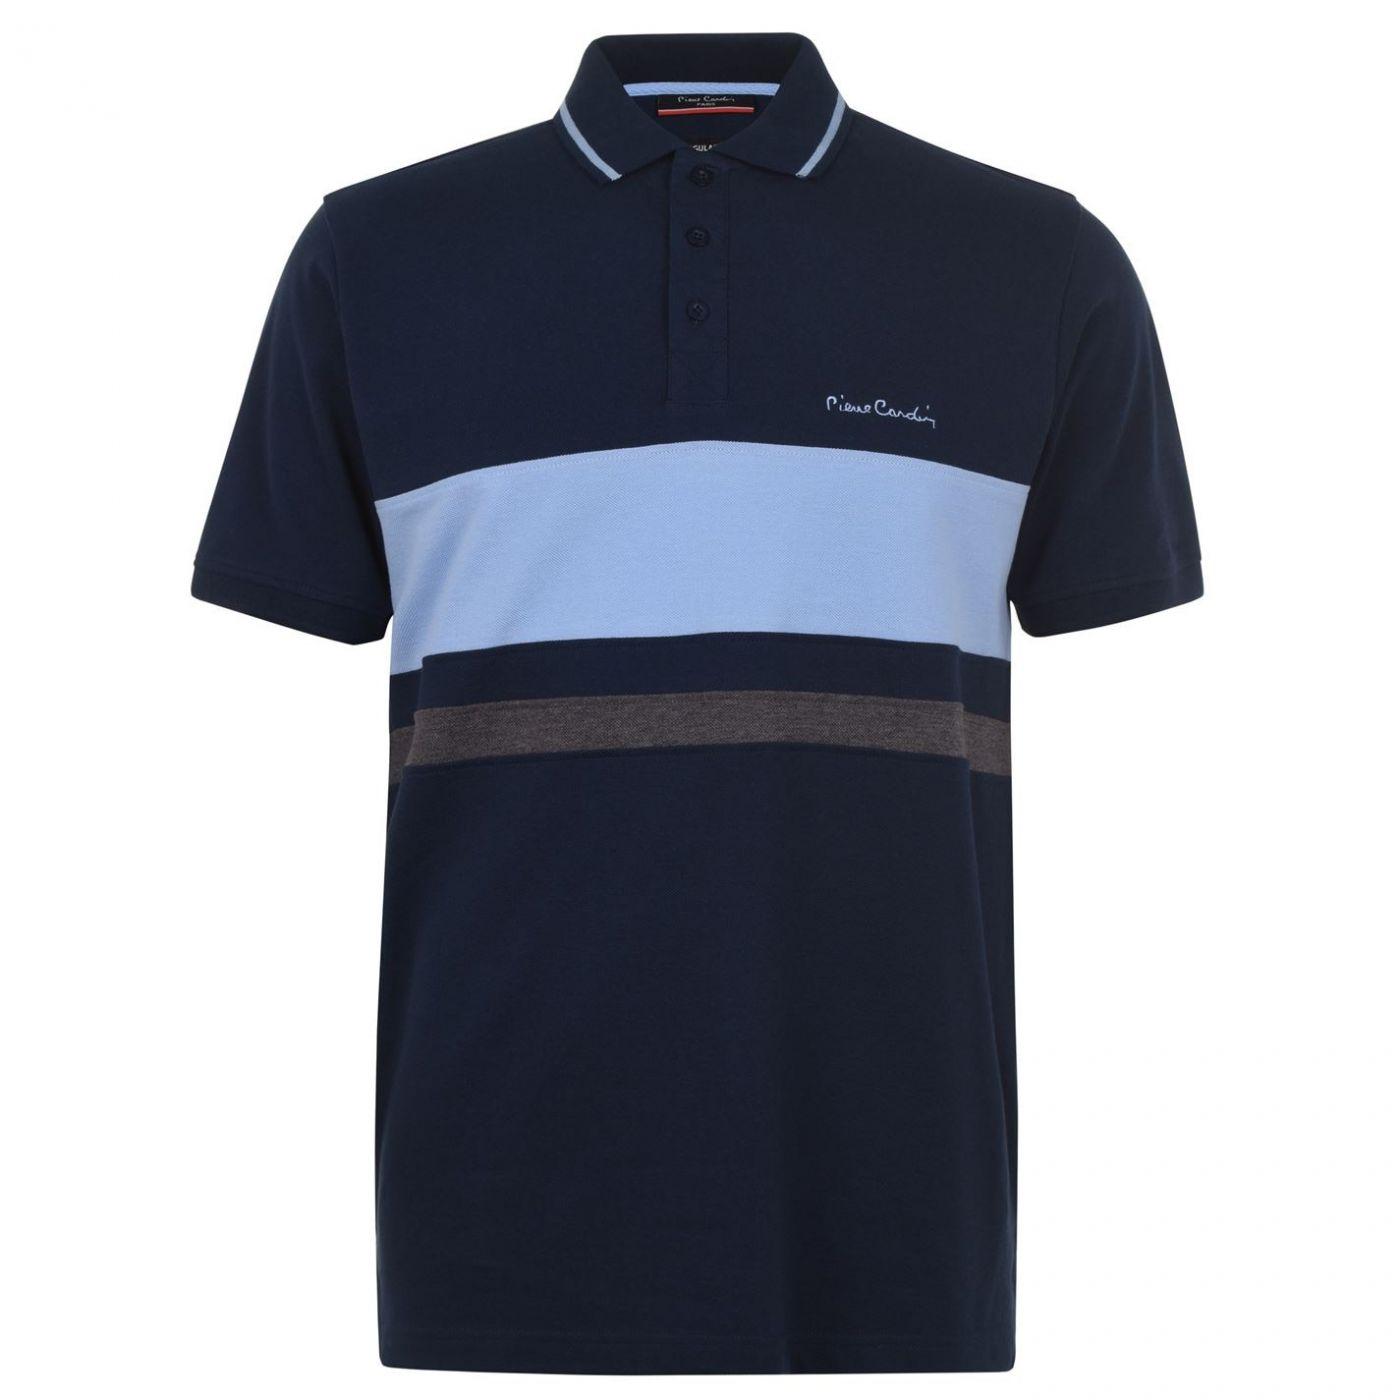 Men's Polo shirt Pierre Cardin Color Block